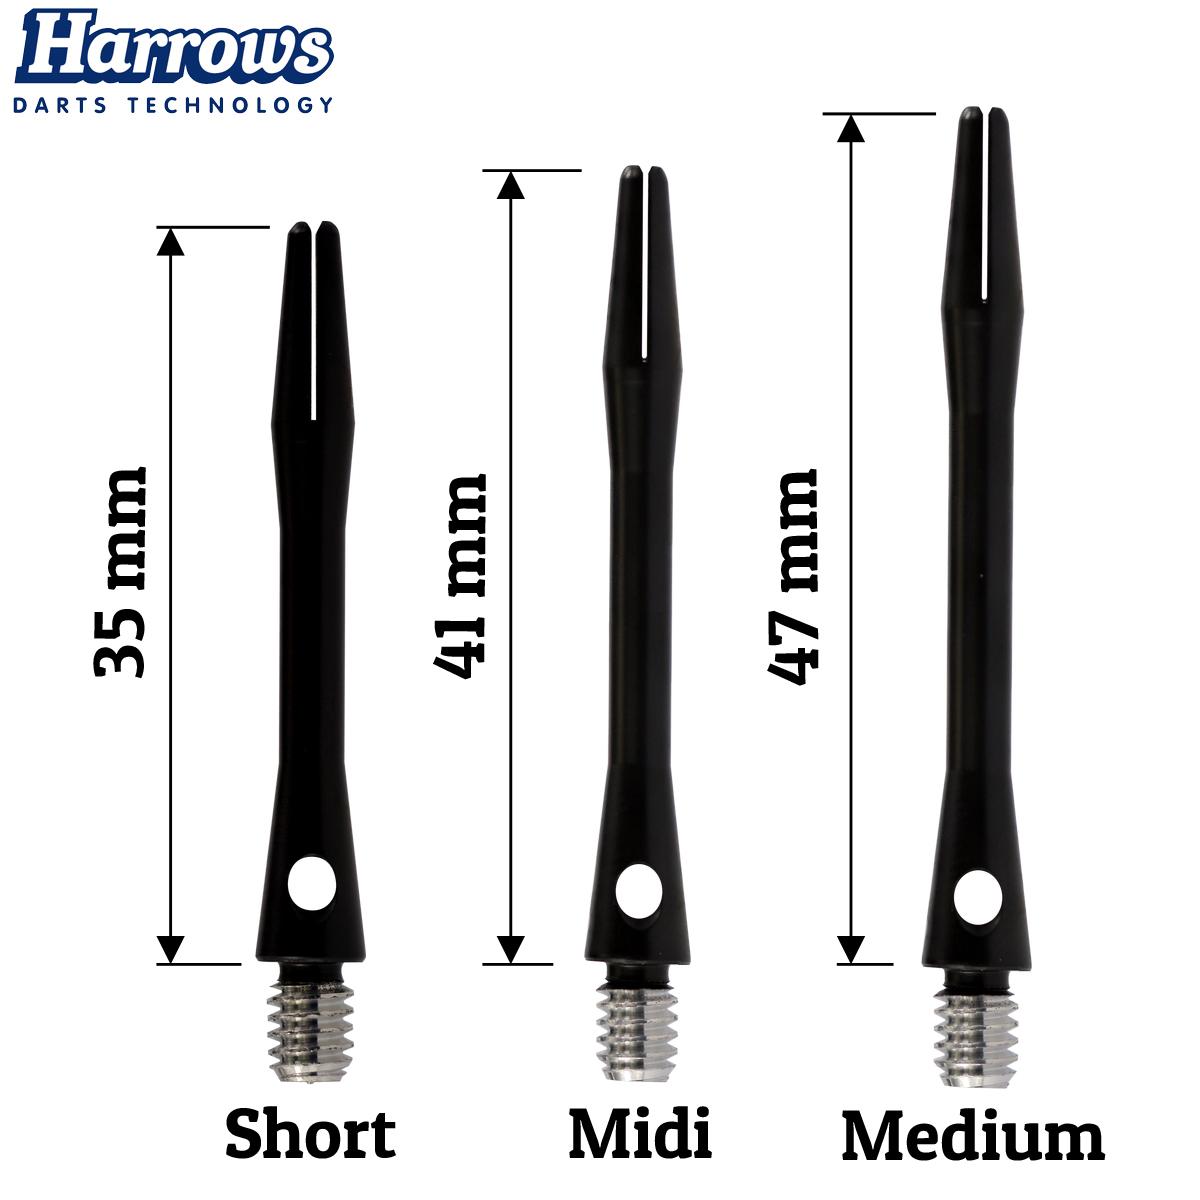 30 Harrows Keramic Dart Shafts Short Midi oder Medium Keramik Schäfte 10 Sets